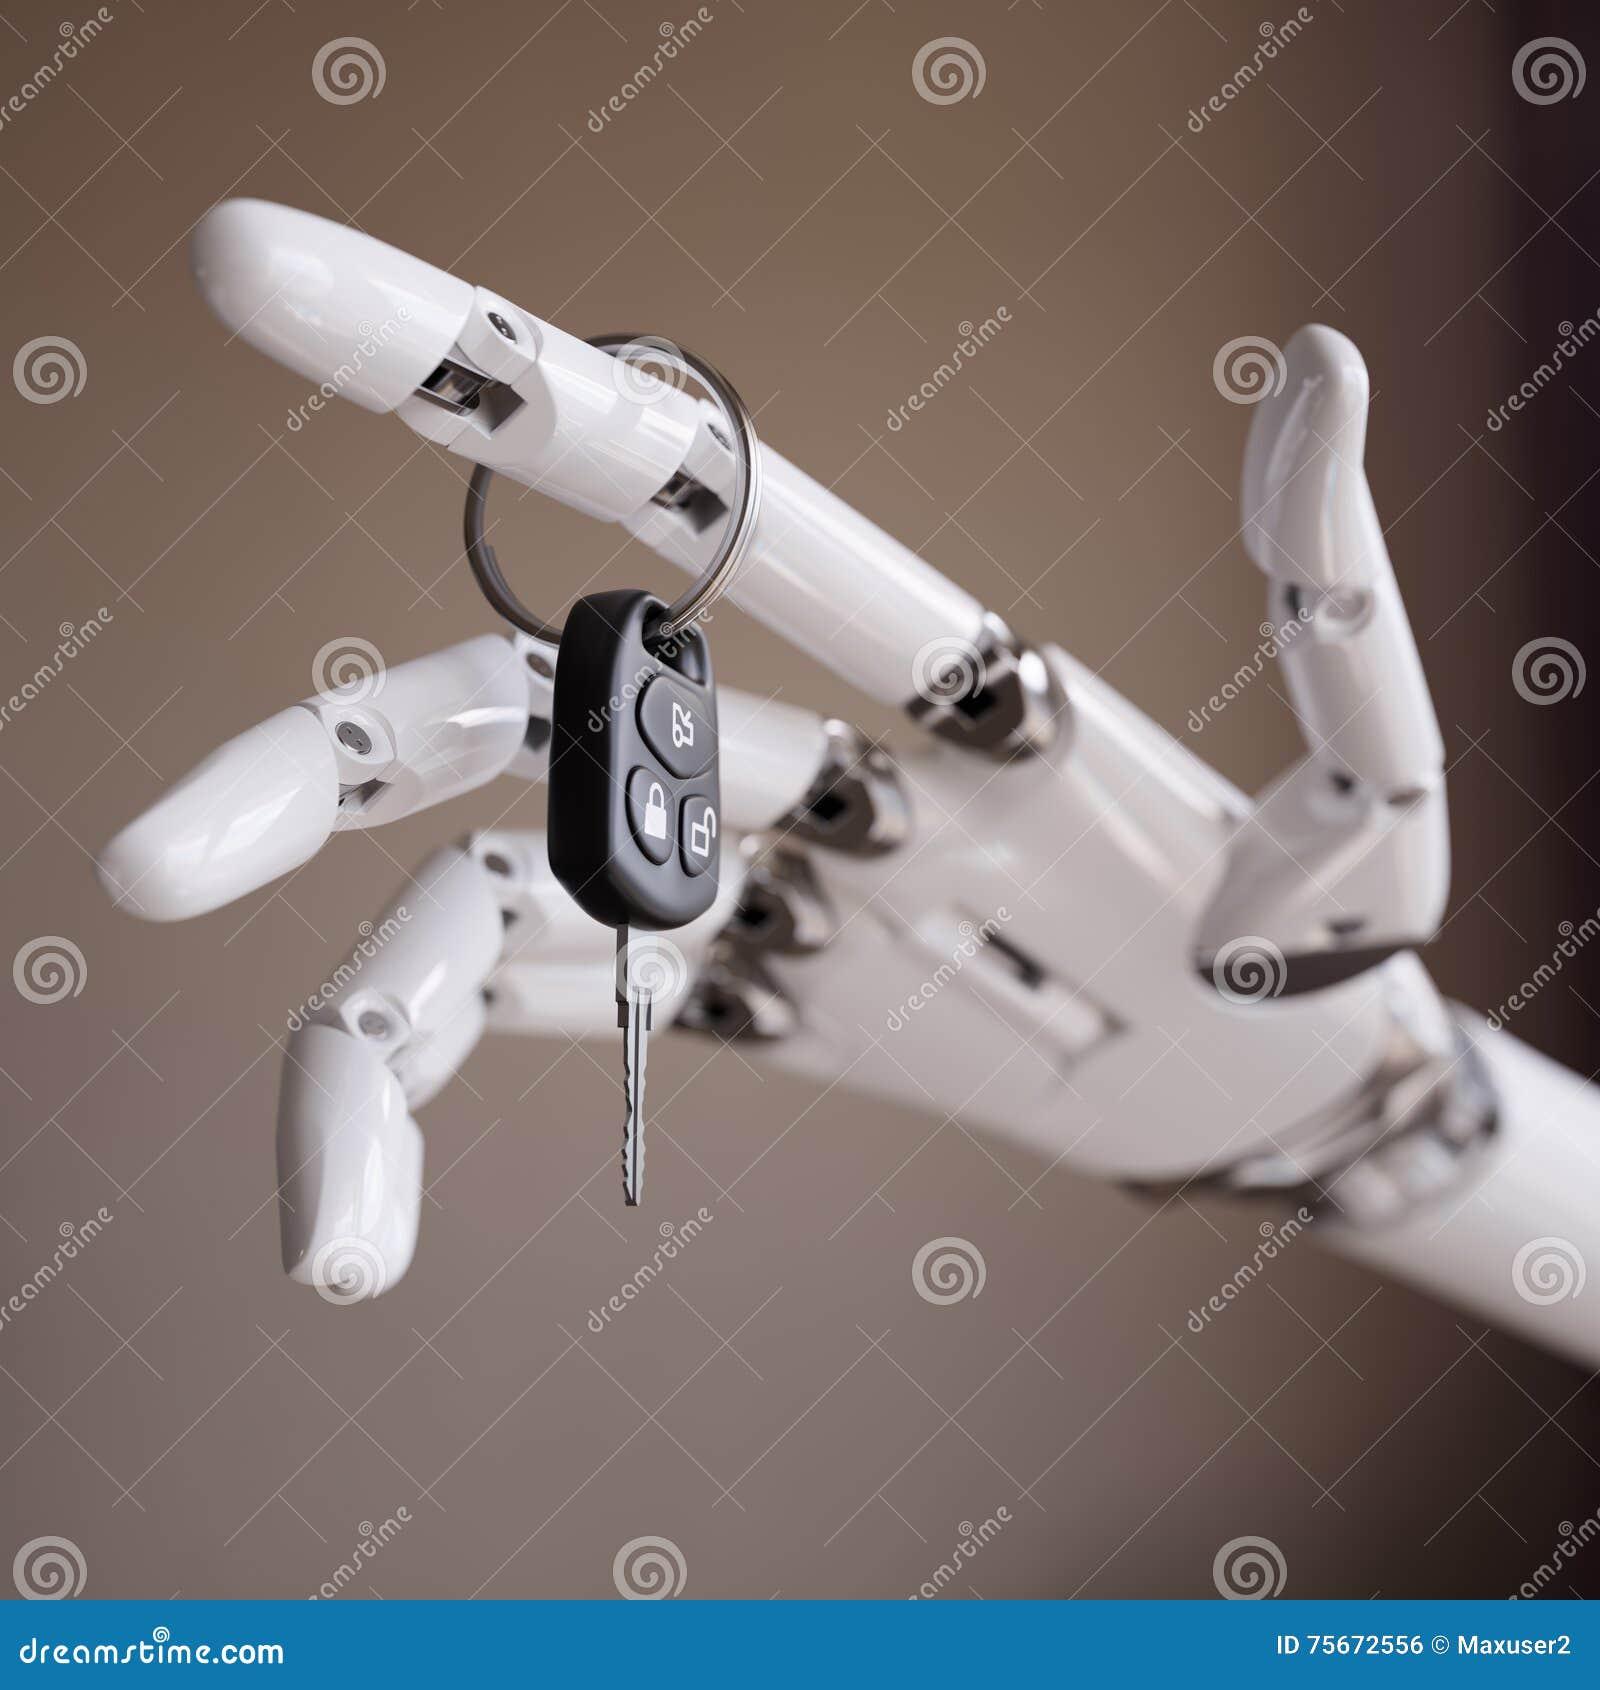 Autopilot System or Intelligent Driver Assist 3d Illustration Concept